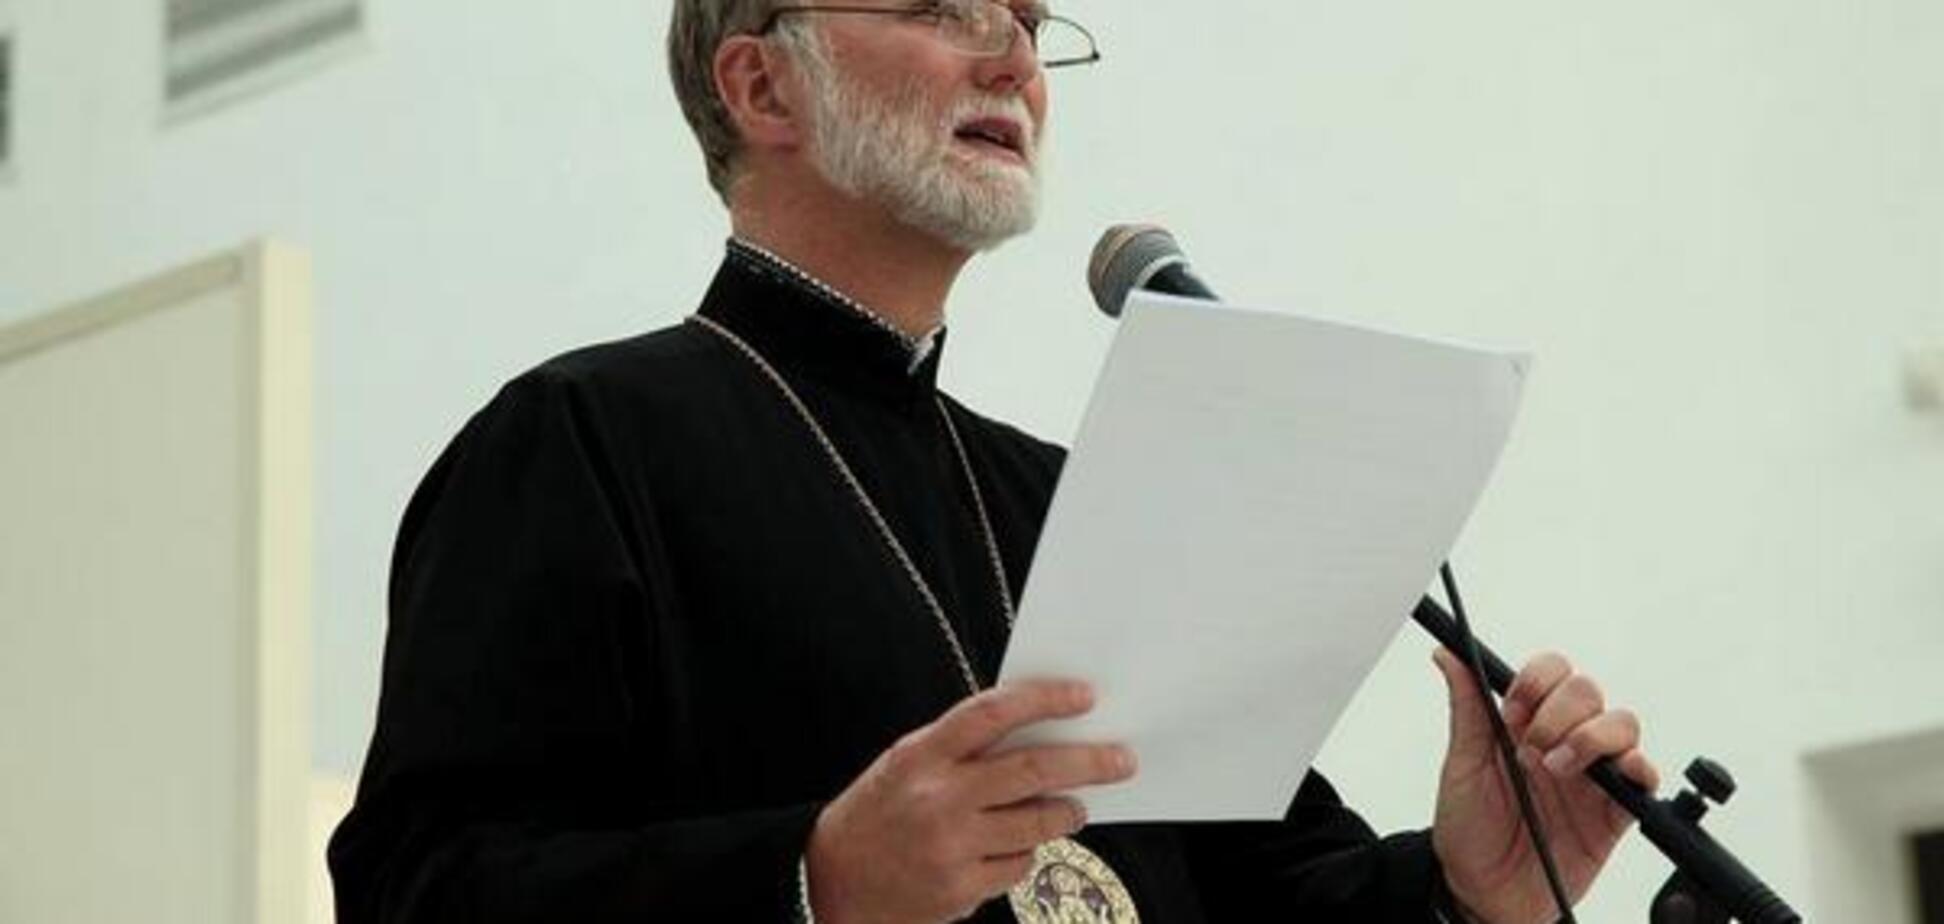 ''Шаг к объединению'': епископ УГКЦ оценил ситуацию вокруг Томоса